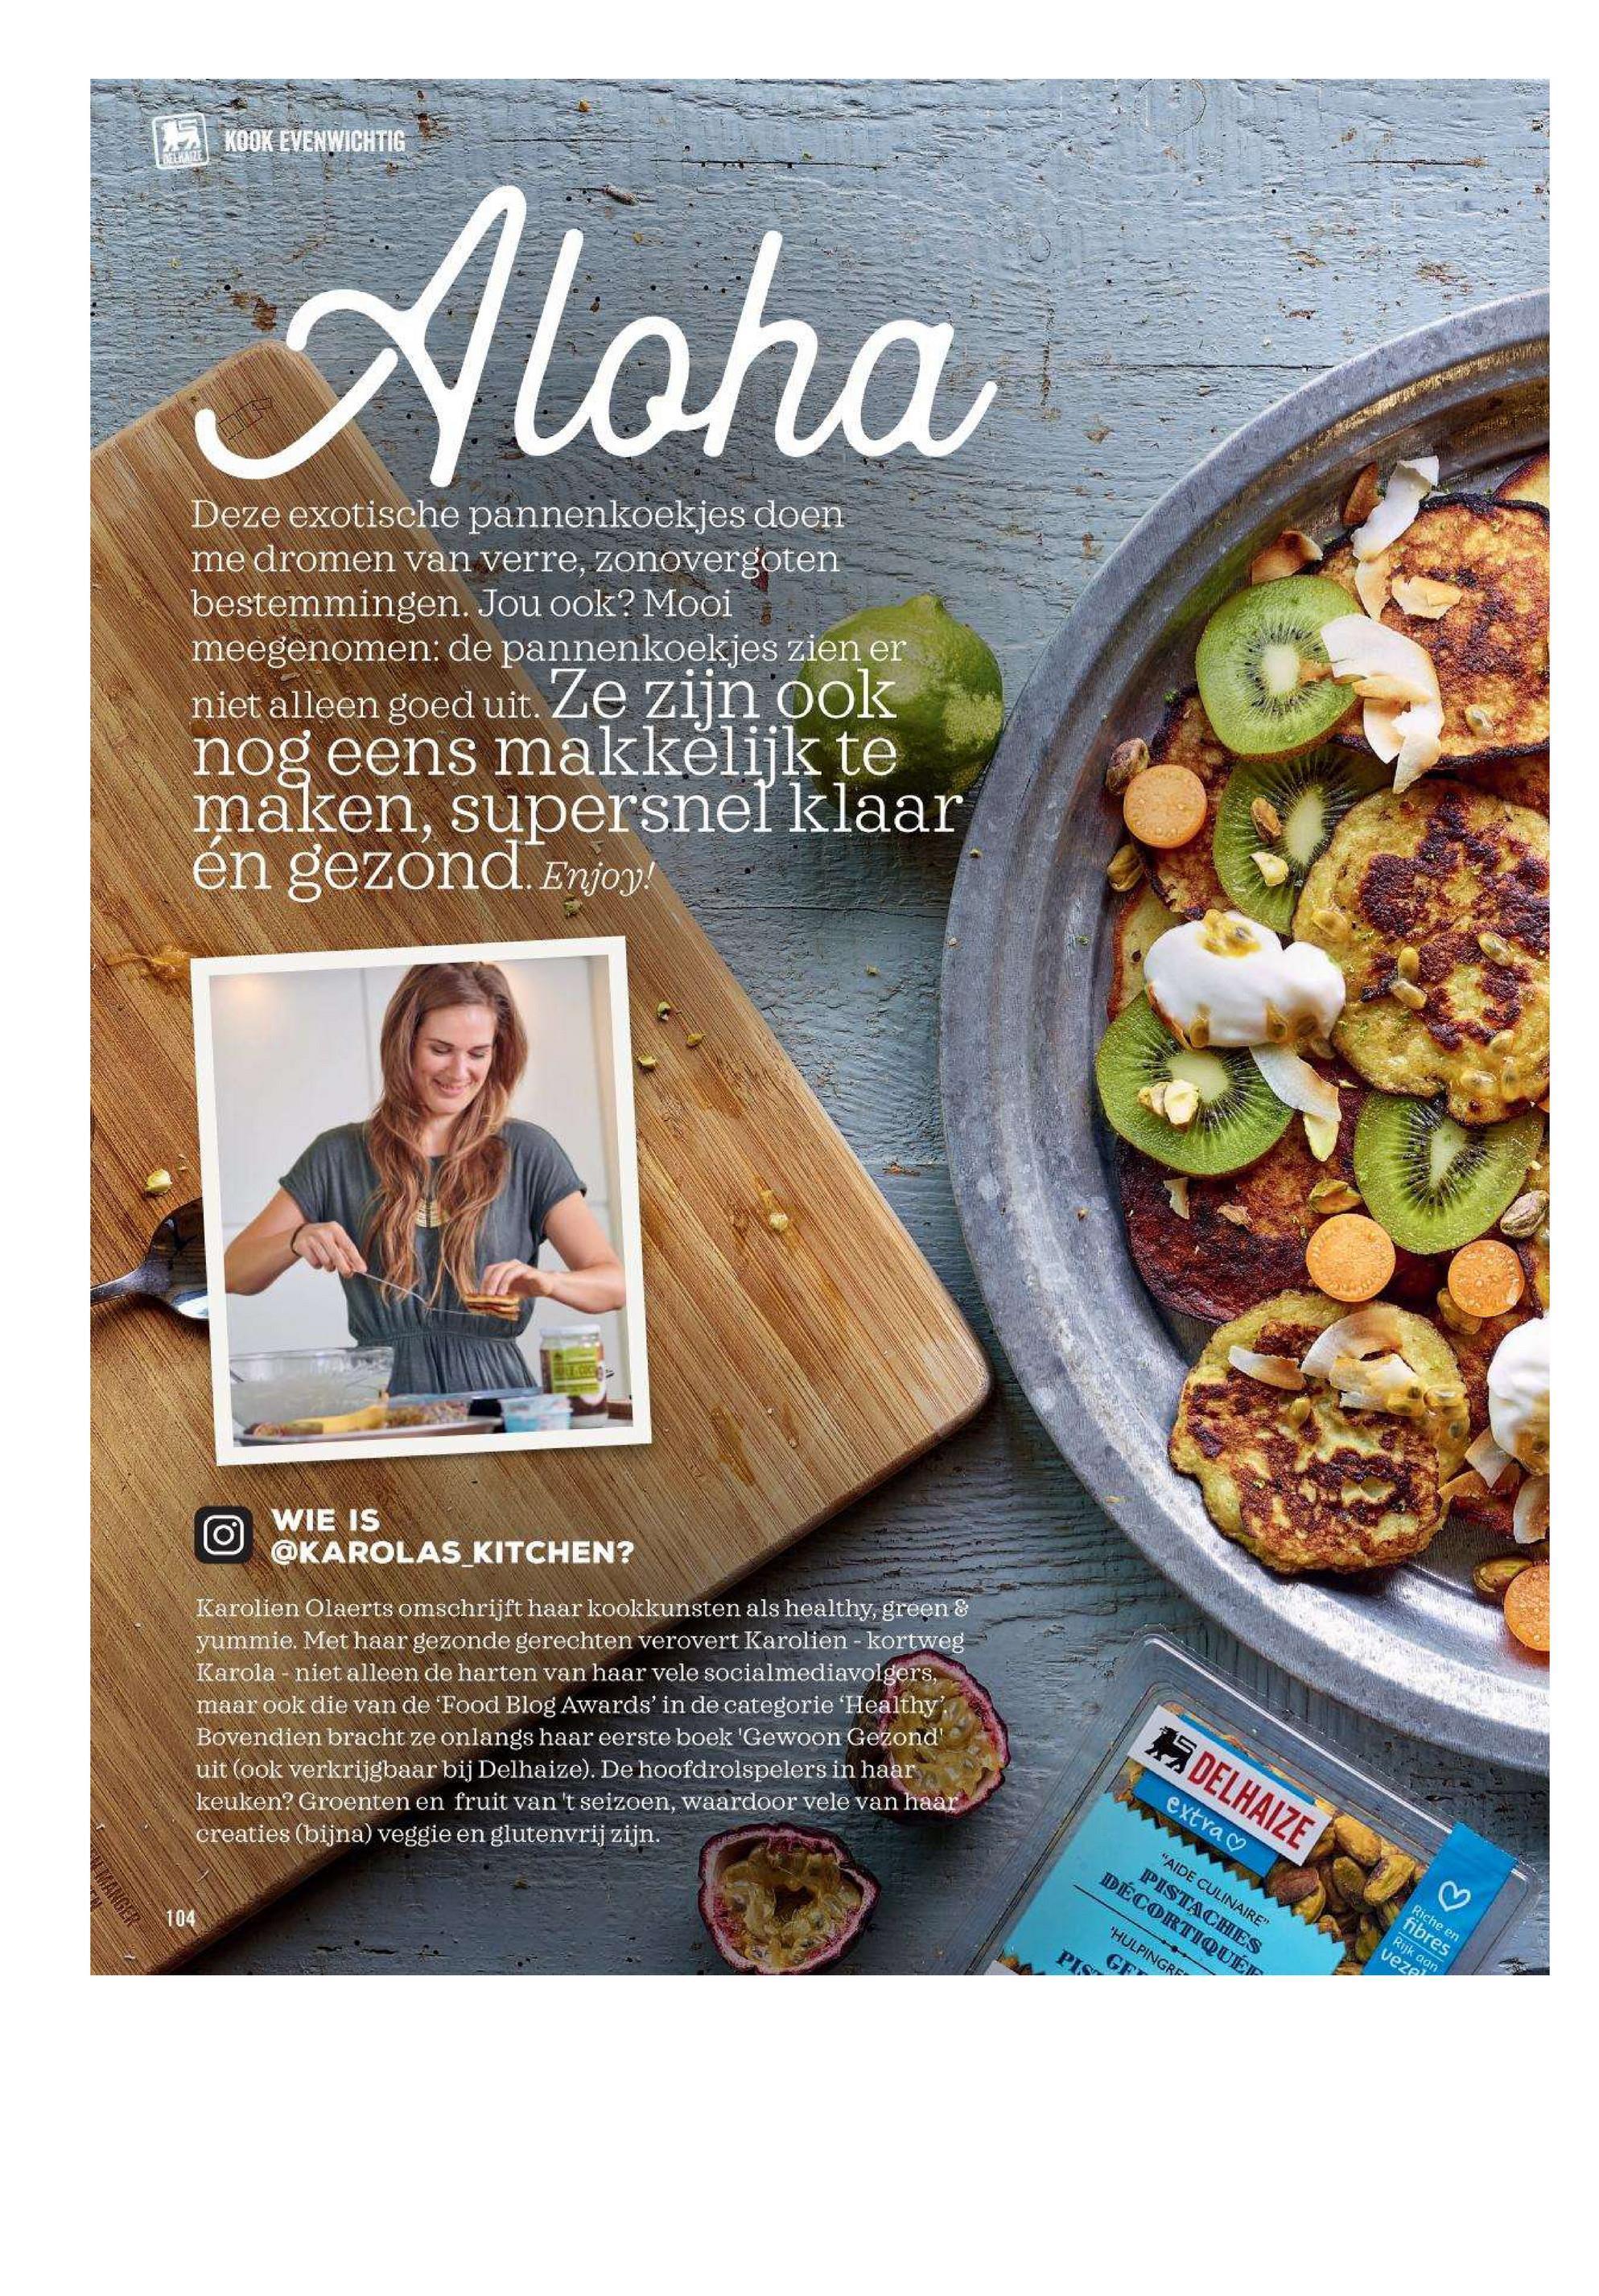 """KOOK EVENWICHTIG Aloha Deze exotische pannenkoekjes doen me dromen van verre, zonovergoten bestemmingen. Jou ook? Mooi meegenomen: de pannenkoekjes zien er niet alleen goed uit. Ze zijn ook nog eens makkelijk te maken, supersnel klaar en gezond. Enjoy! O WIE IS @KAROLAS KITCHEN? Karolien Olaerts omschrijft haar kookkunsten als healthy, green & yummie. Met haar gezonde gerechten verovert Karolien - kortweg Karola - niet alleen de harten van haar vele socialmediavolgers, maar ook die van de 'Food Blog Awards' in de categorie 'Healthy'. Bovendien bracht ze onlangs haar eerste boek 'Gewoon Gezond uit (ook verkrijgbaar bij Delhaize). De hoofdrolspelers in haar keuken? Groenten en fruit van 't seizoen, waardoor vele van haar creaties (bijna) veggie en glutenvrij zijn. DELHAIZE- extra ♡ """"AIDE CULINAIRE"""" DÉCORTIQUÉT PISTACHES B Riche en 104 HULPINGRF fibres Rijk aan veze"""